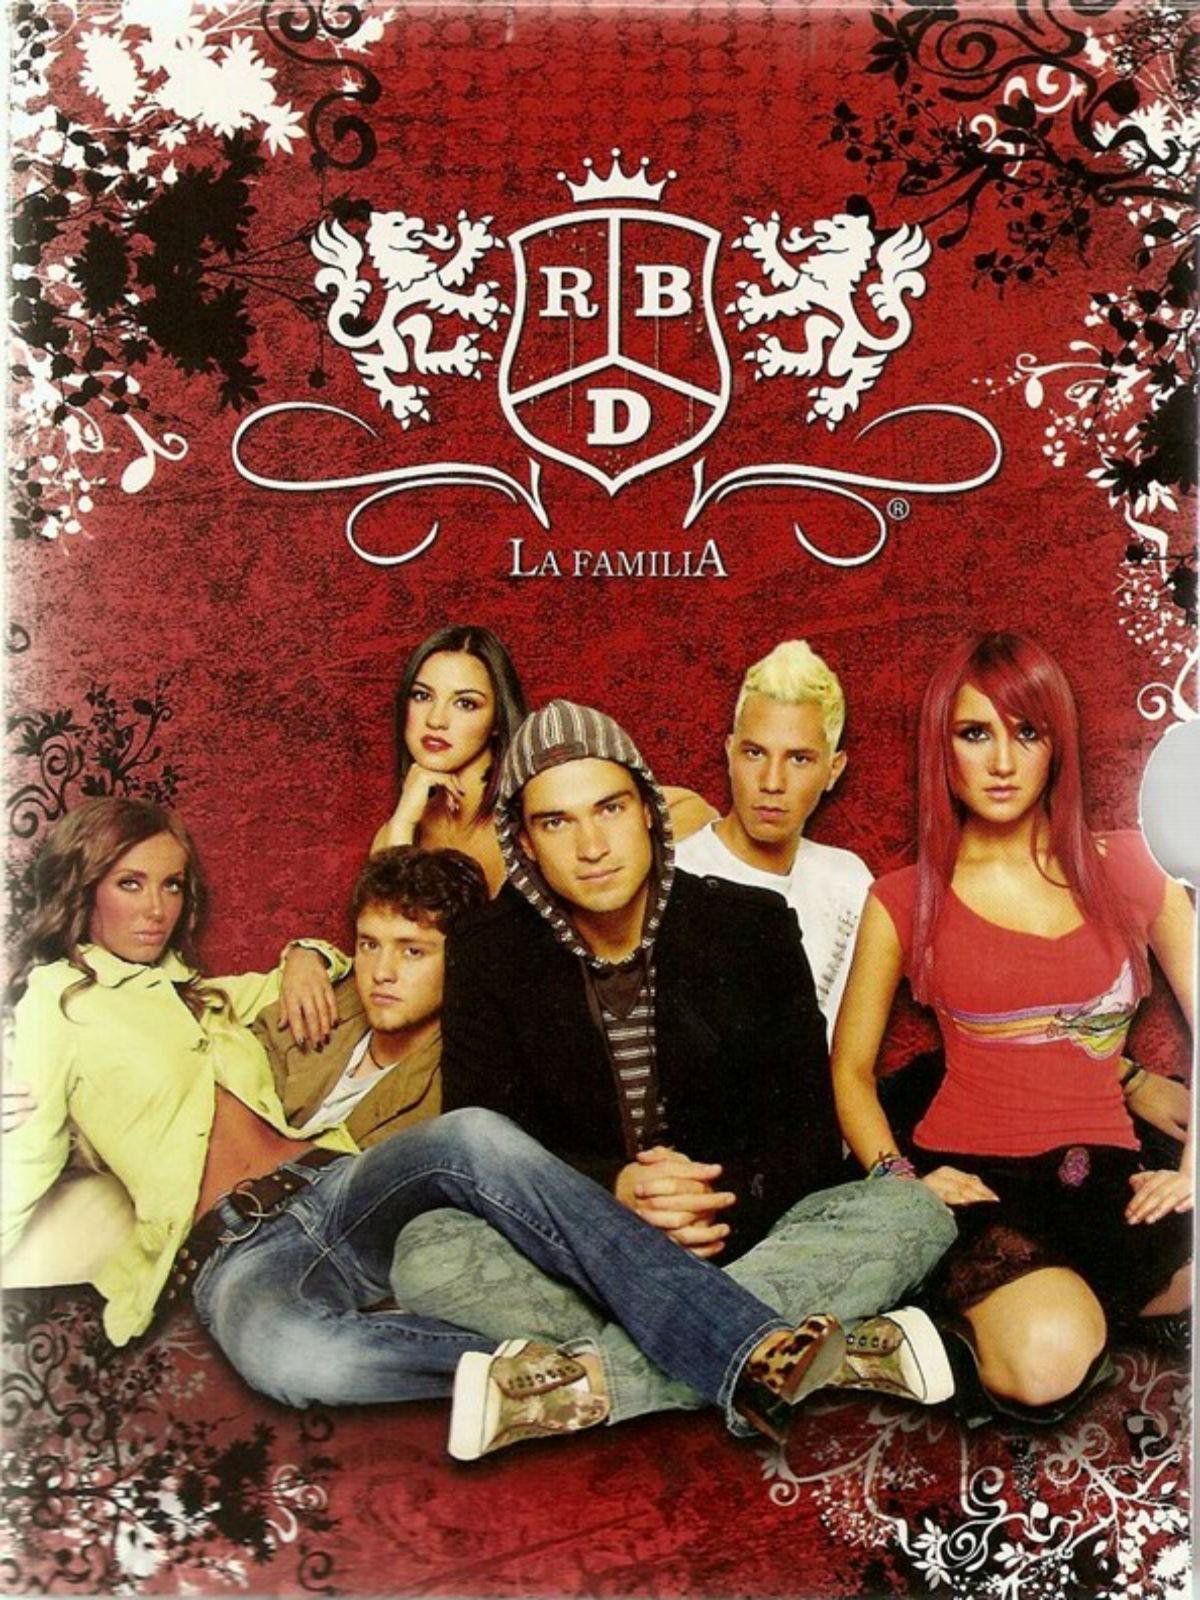 Rbd La Familia Série 2007 Adorocinema